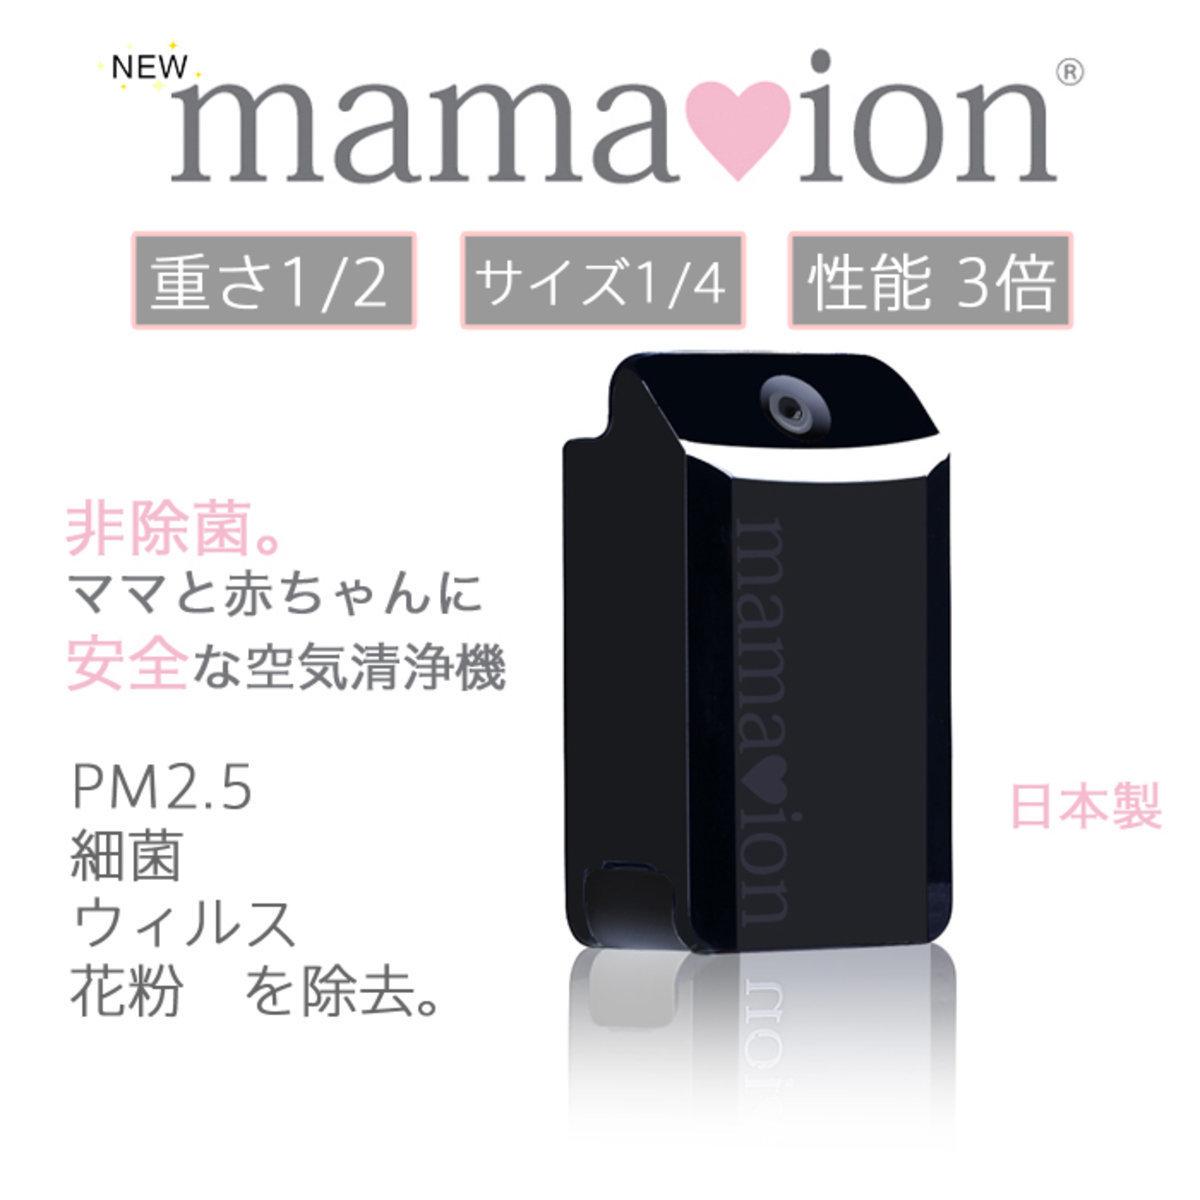 (黑色) 日本製造 MAMAION 超輕量隨身型空氣清淨機